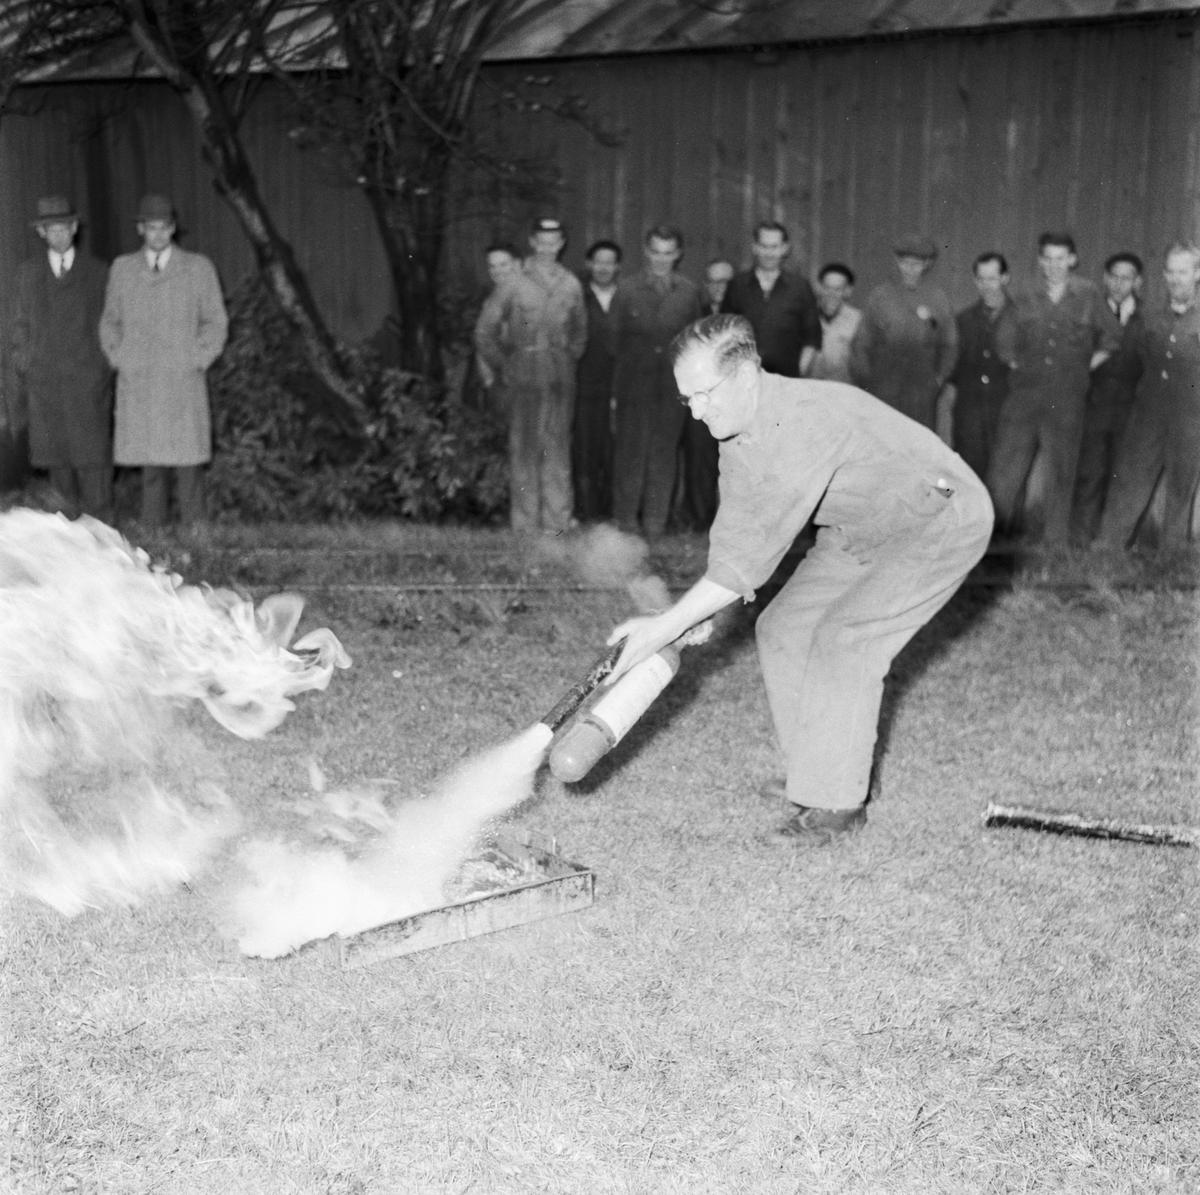 Övrigt: Foto datum: 24/10 1957 Byggnader och kranar Torpedverkstan brandkårsövning